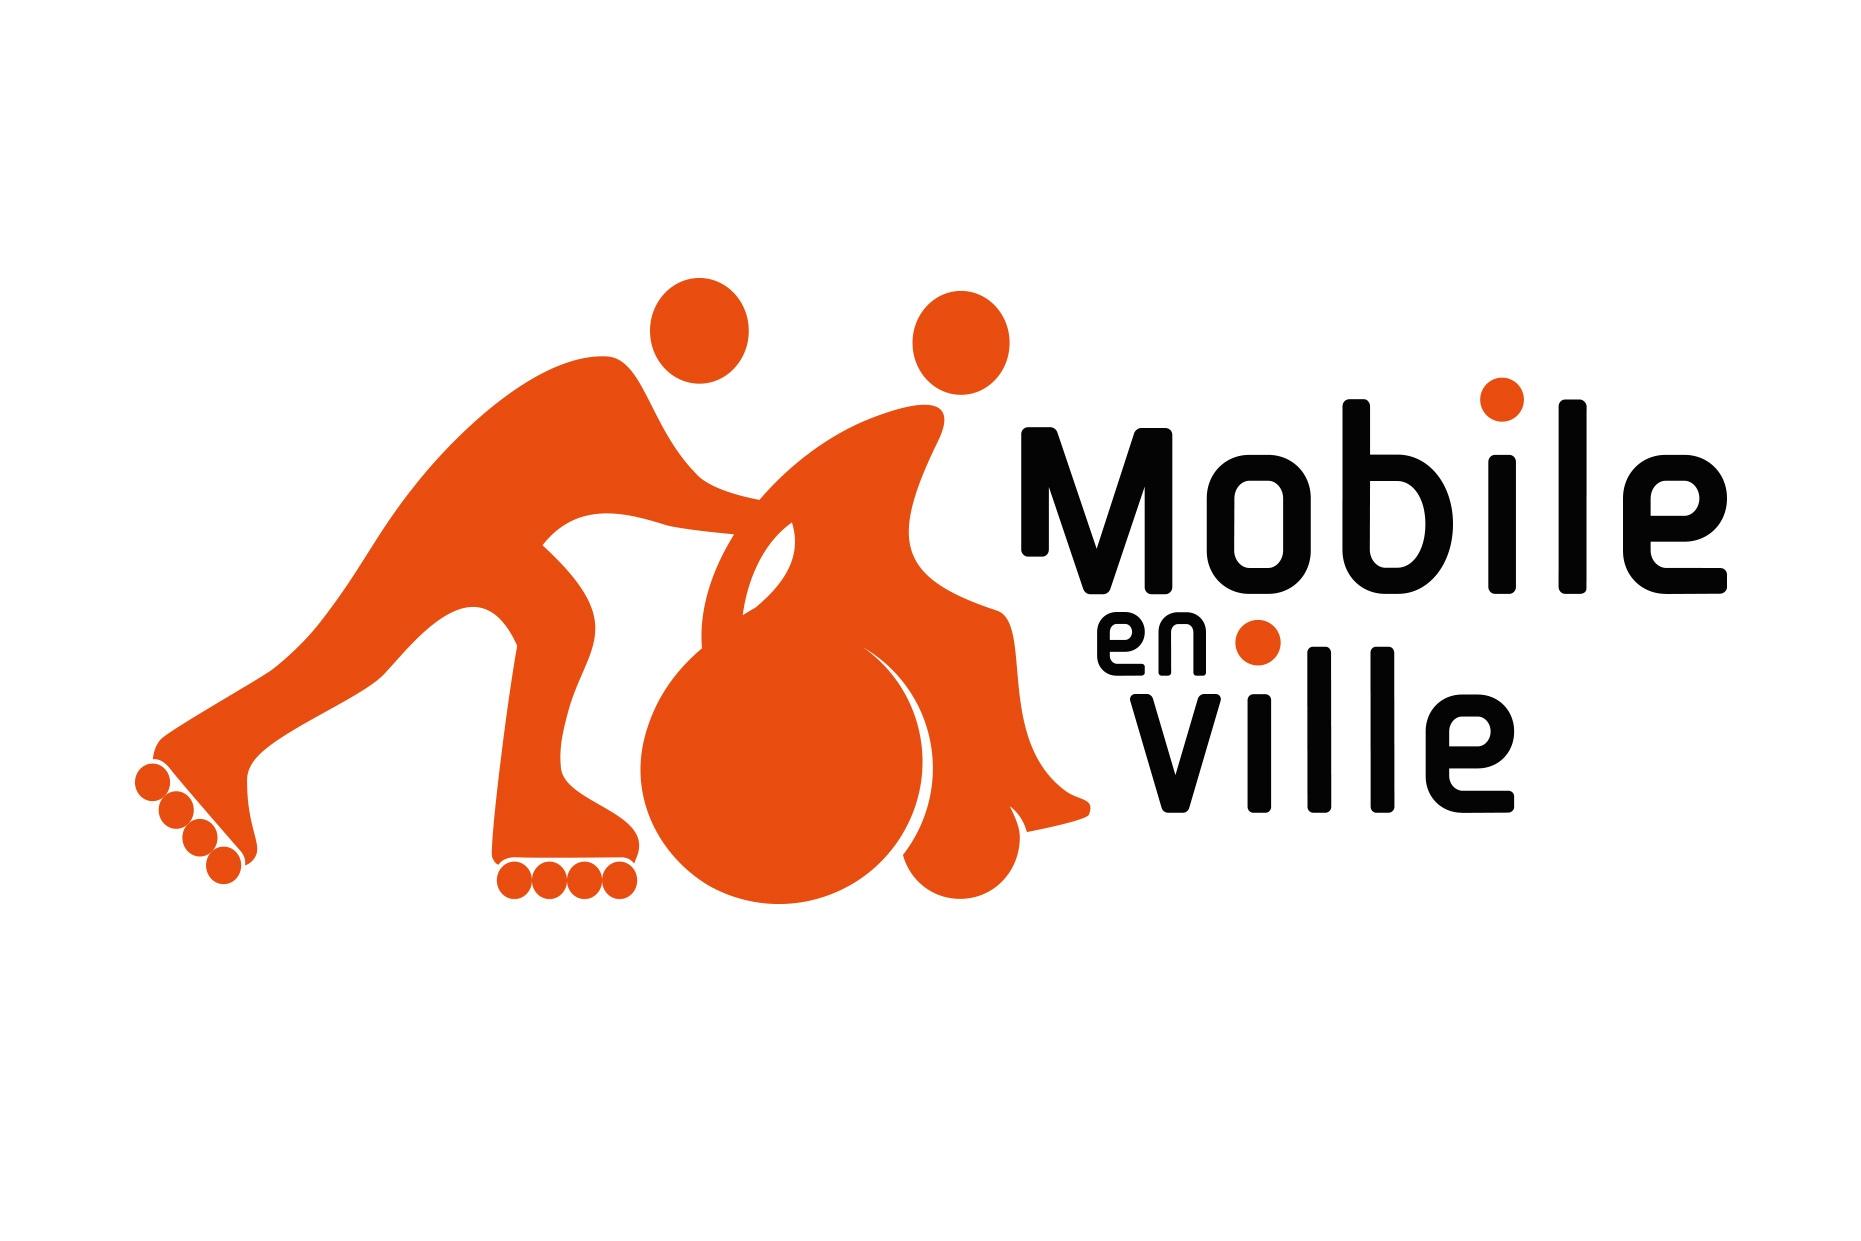 rencontre mobile